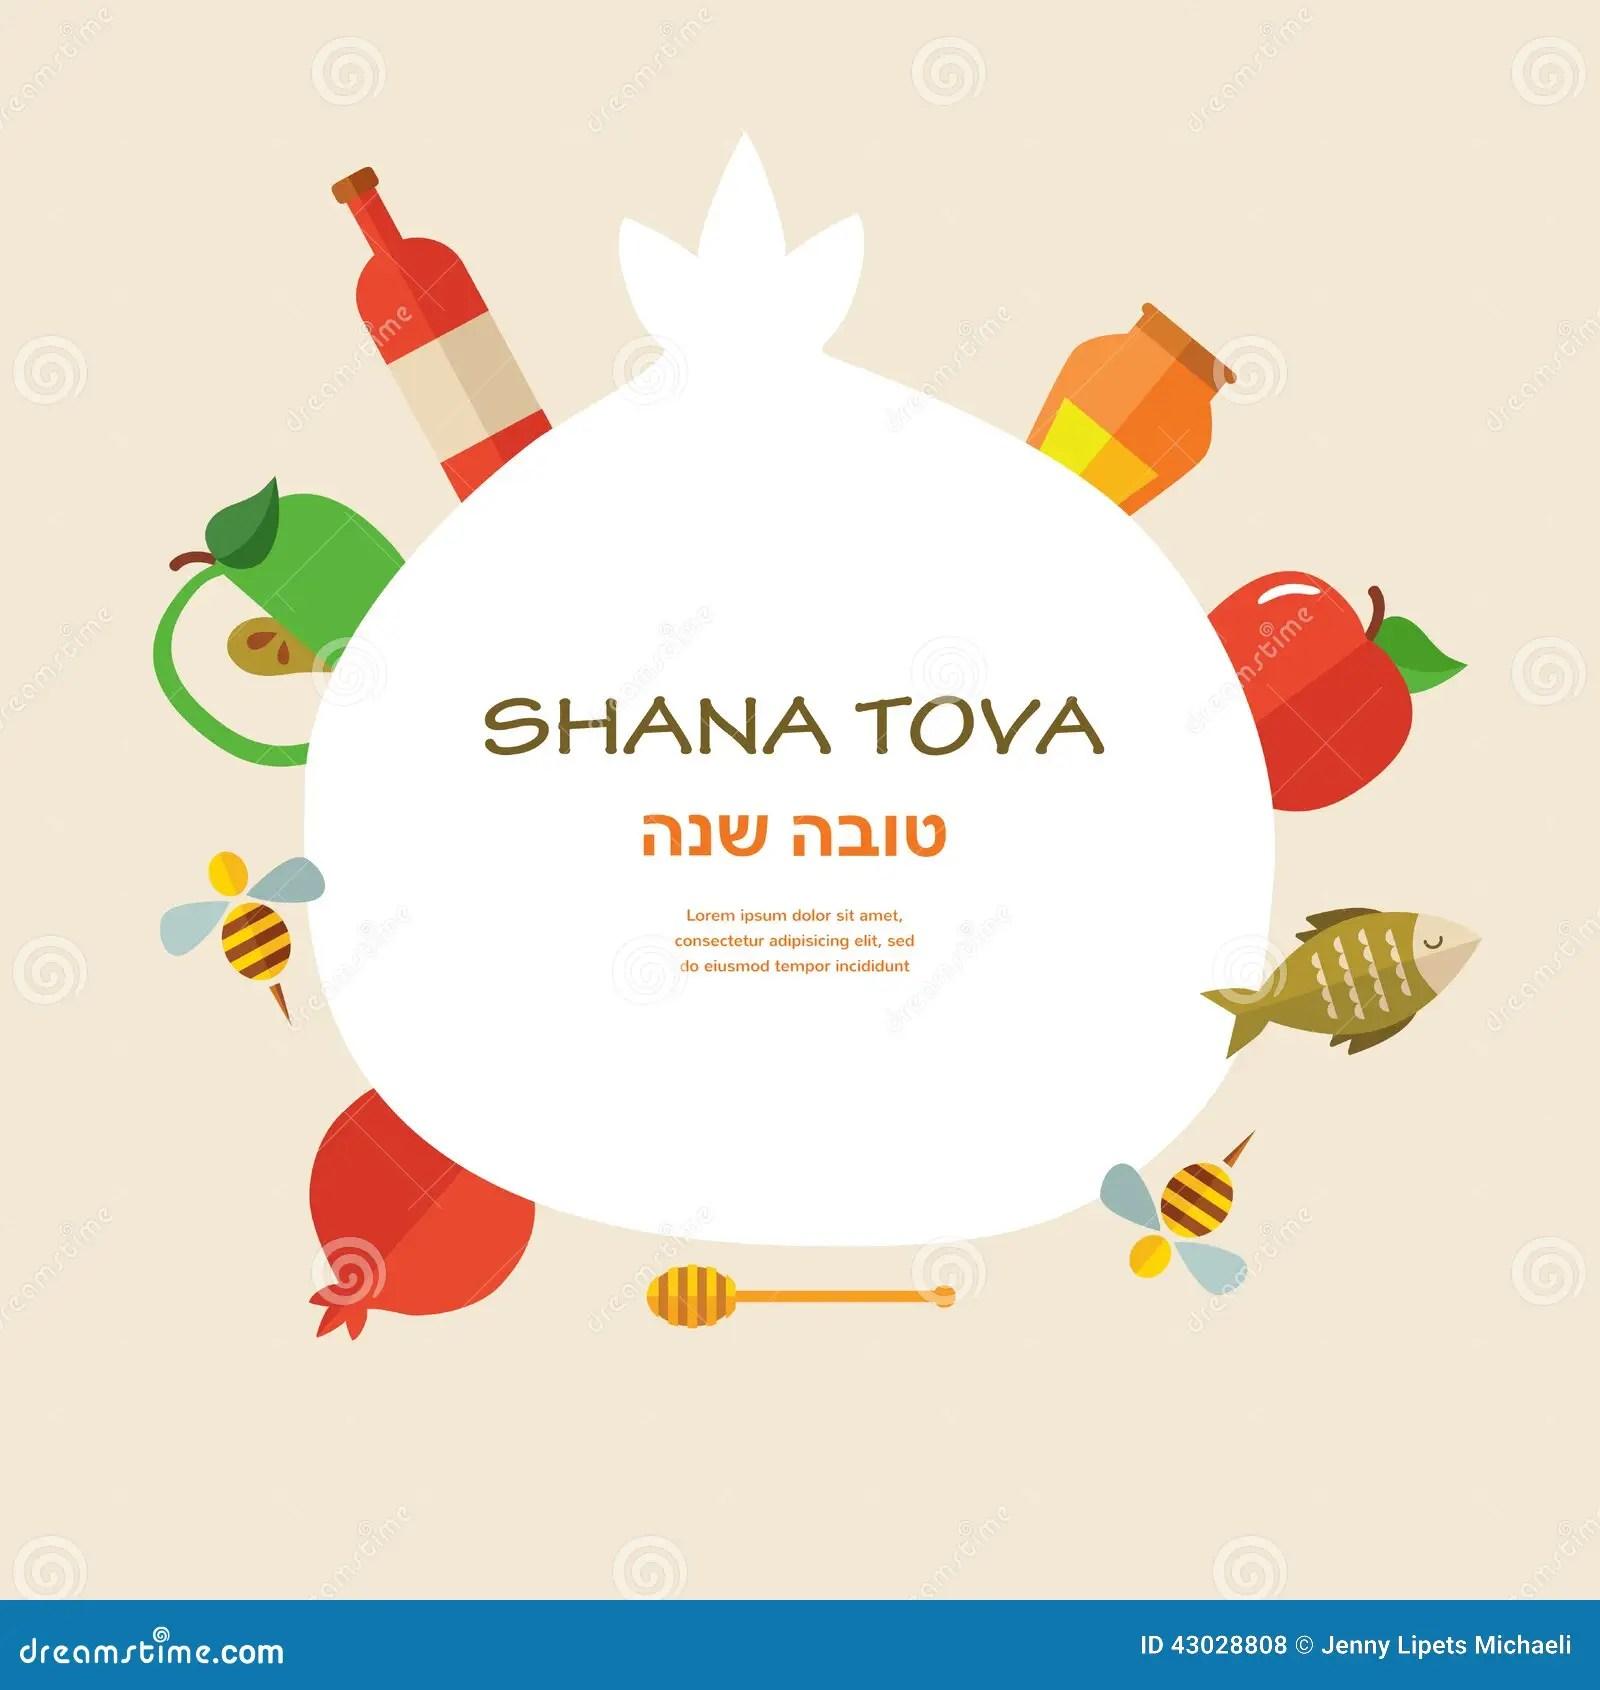 Greeting Card For Jewish New Year Holiday Rosh Hashanah